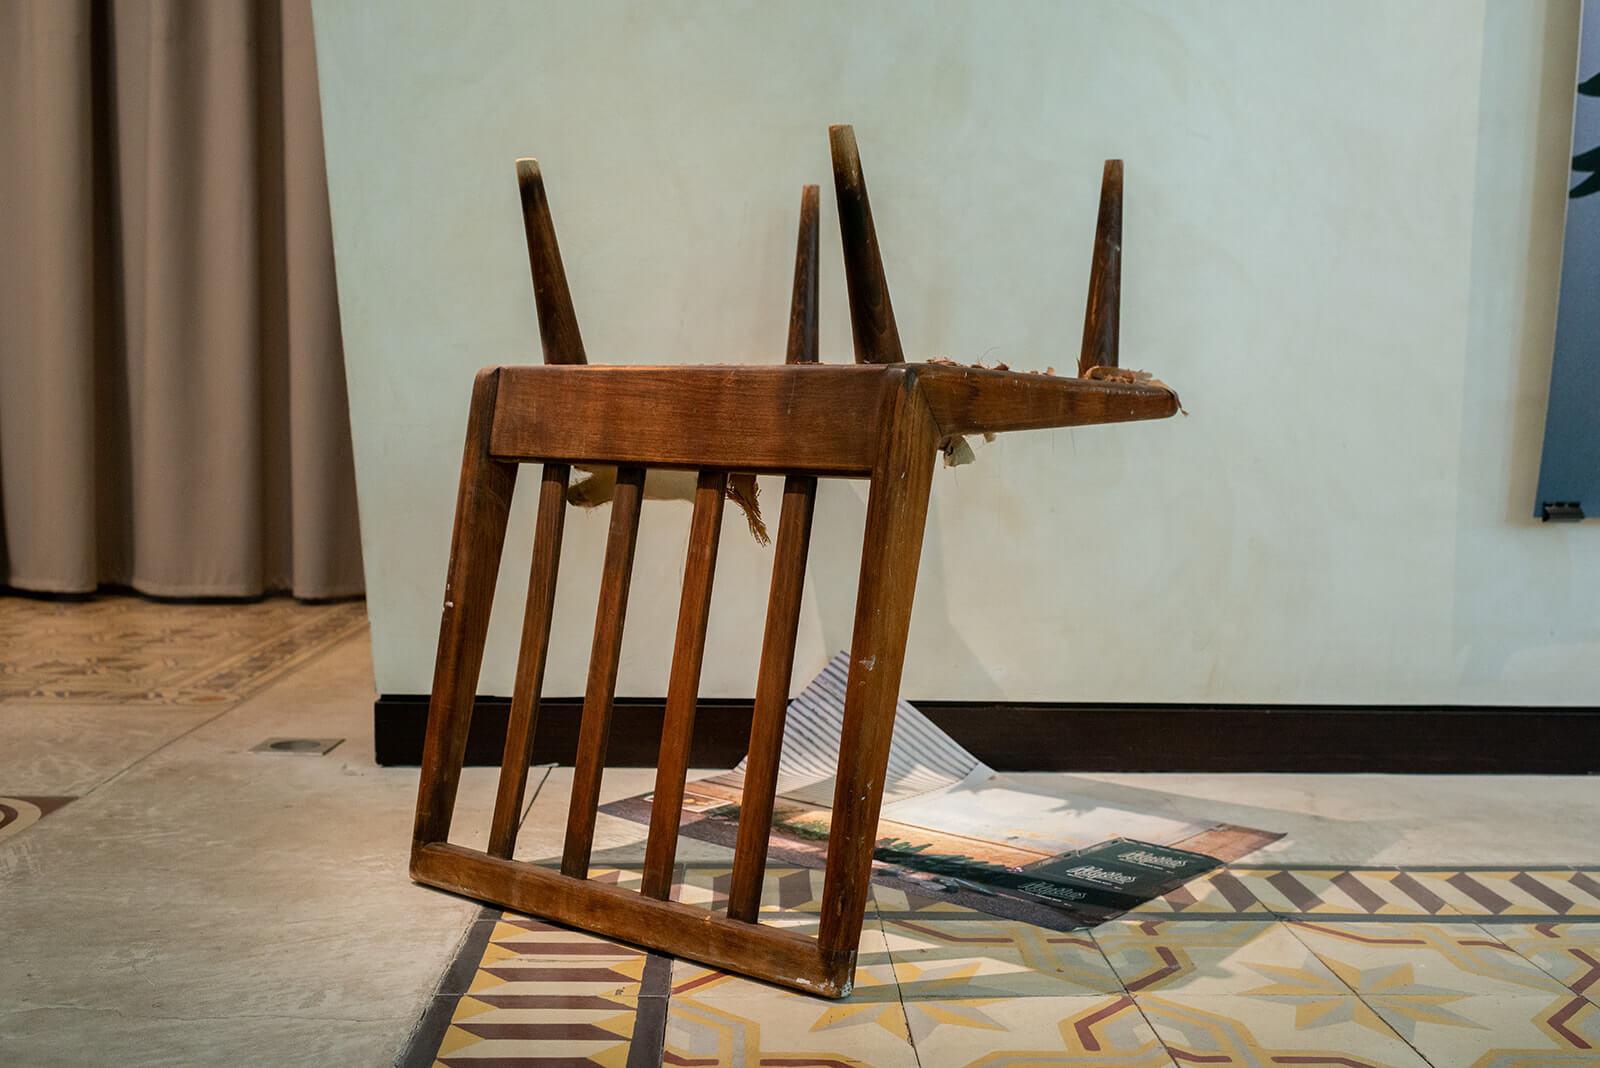 פוליאנה אור, תמונות בתערוכה, 2021, מיצב צילומי, הזרקת דיו עם חפצים שנאספו מהרחוב<br /> צילום: נטע קונס